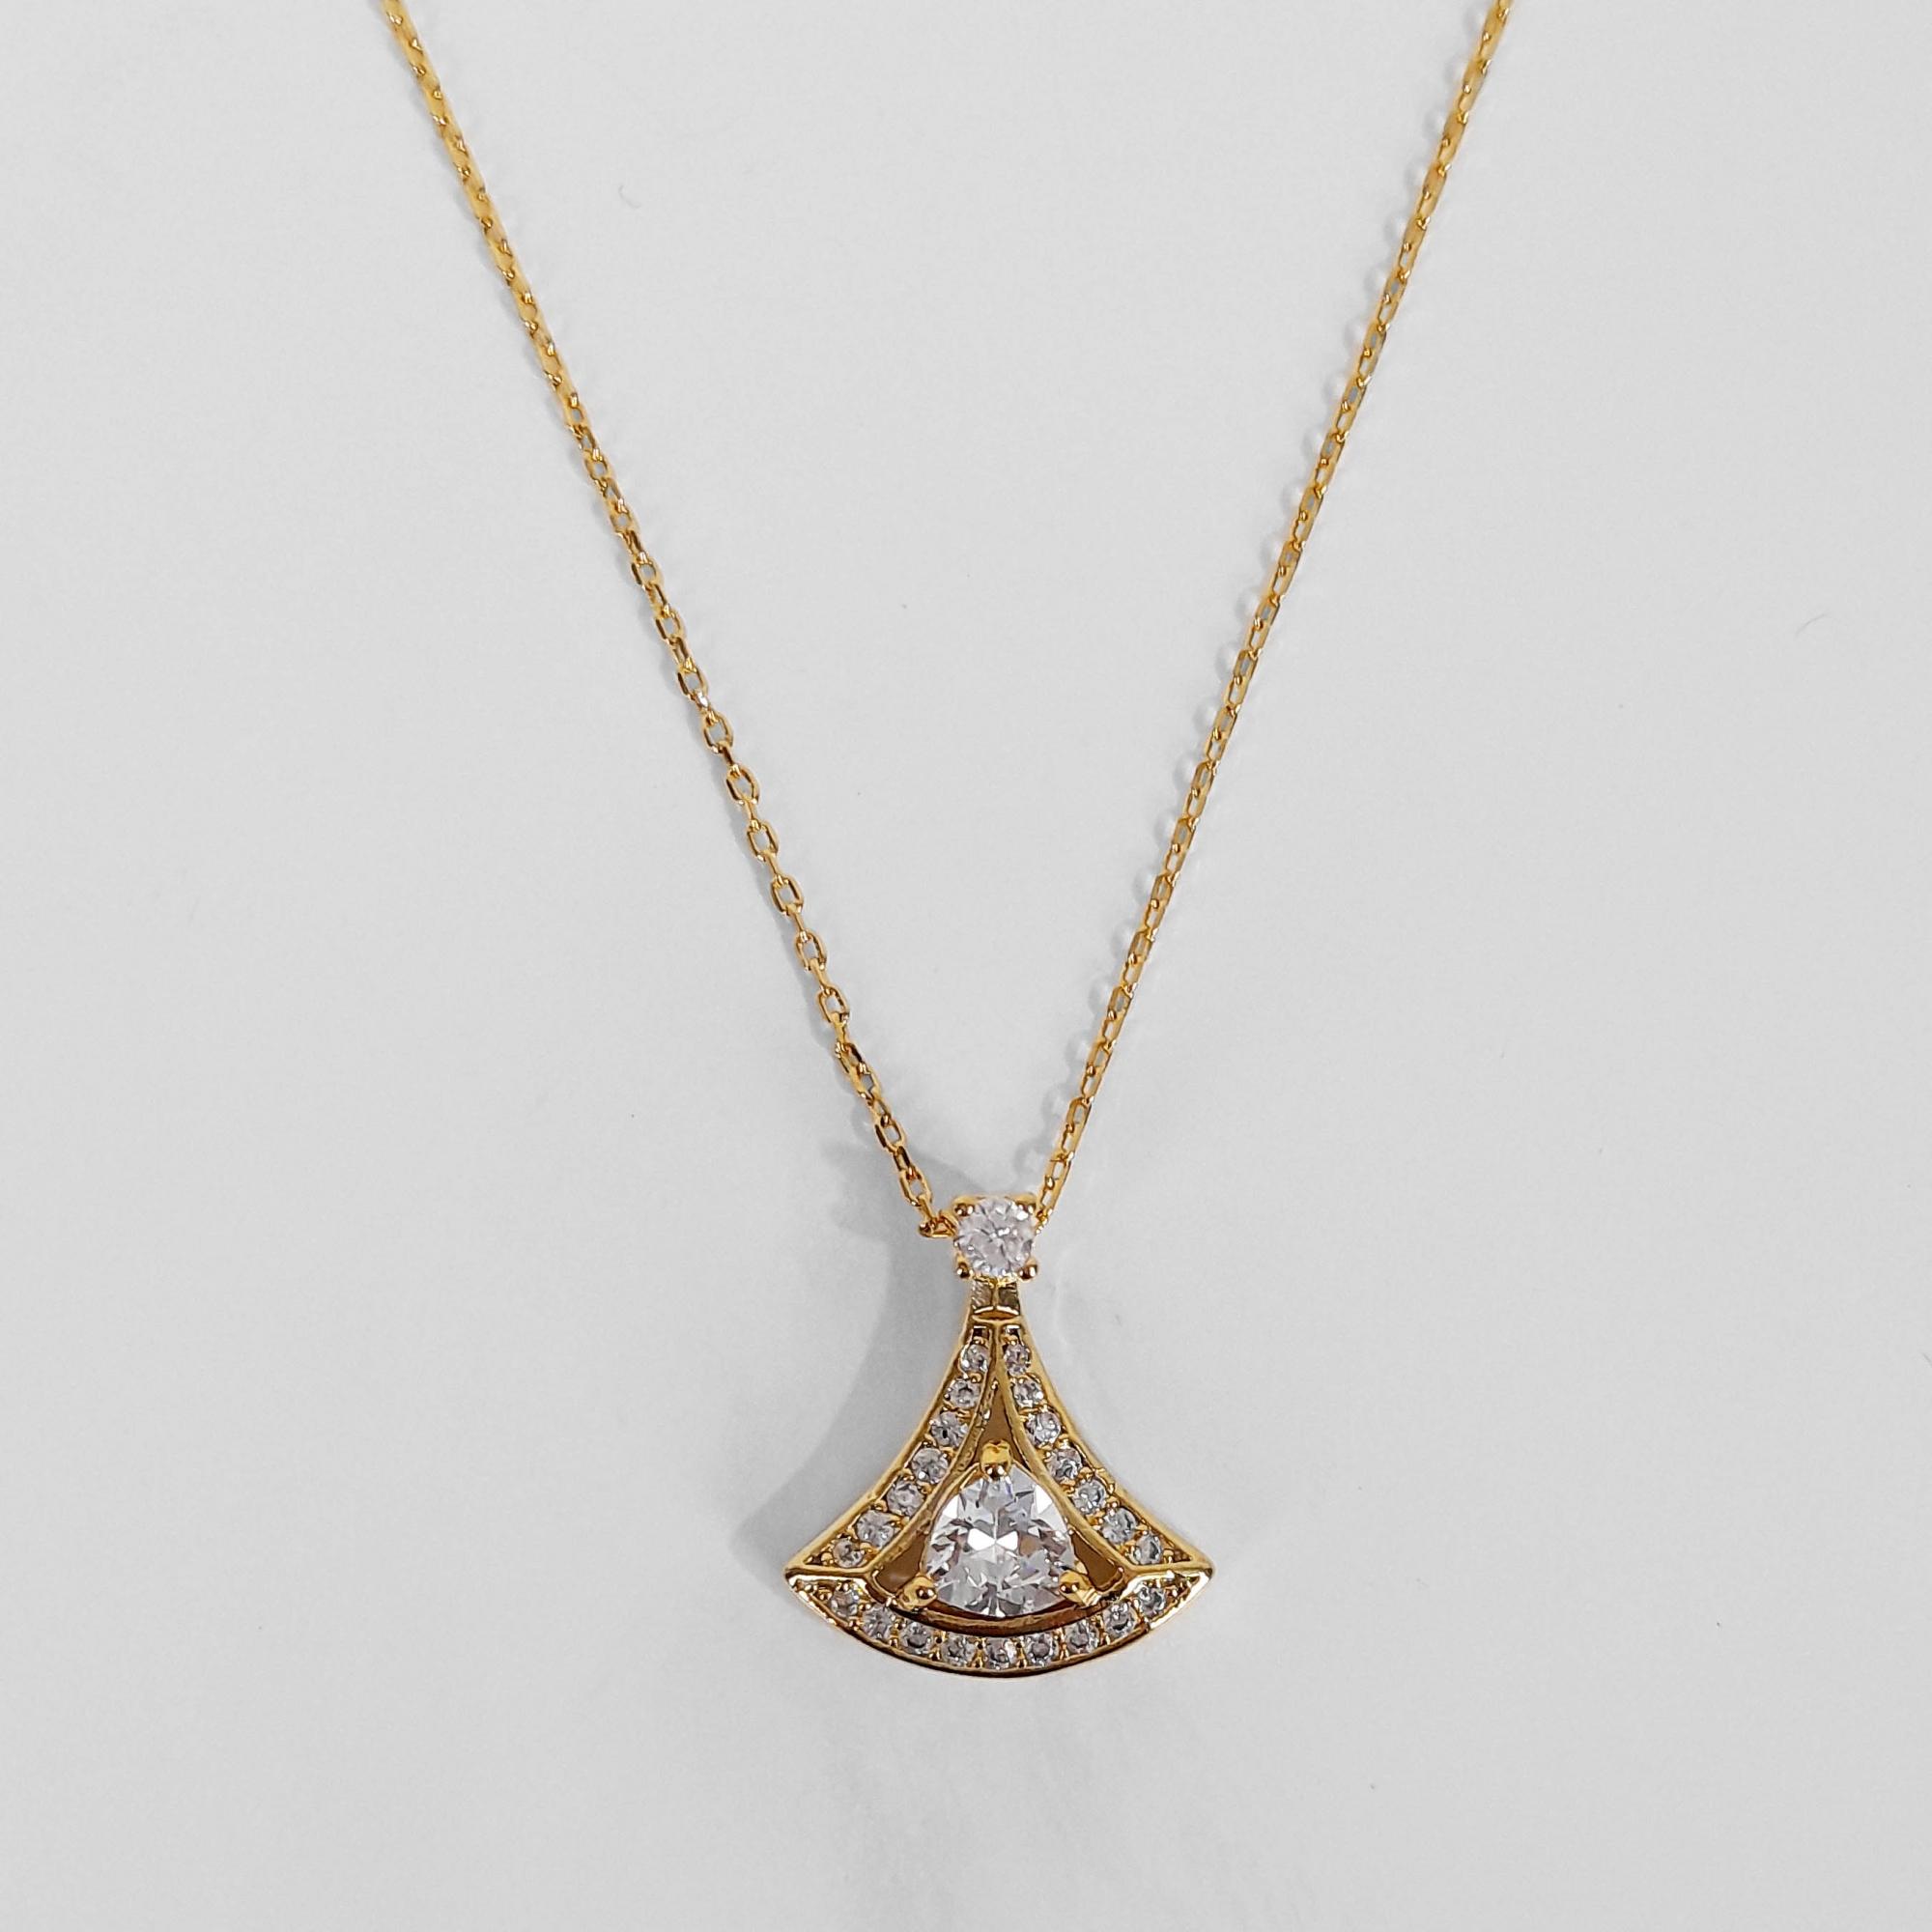 Gargantilha Triângulo Cravejado Zircônias Folheada a Ouro18k  - Lunozê Joias